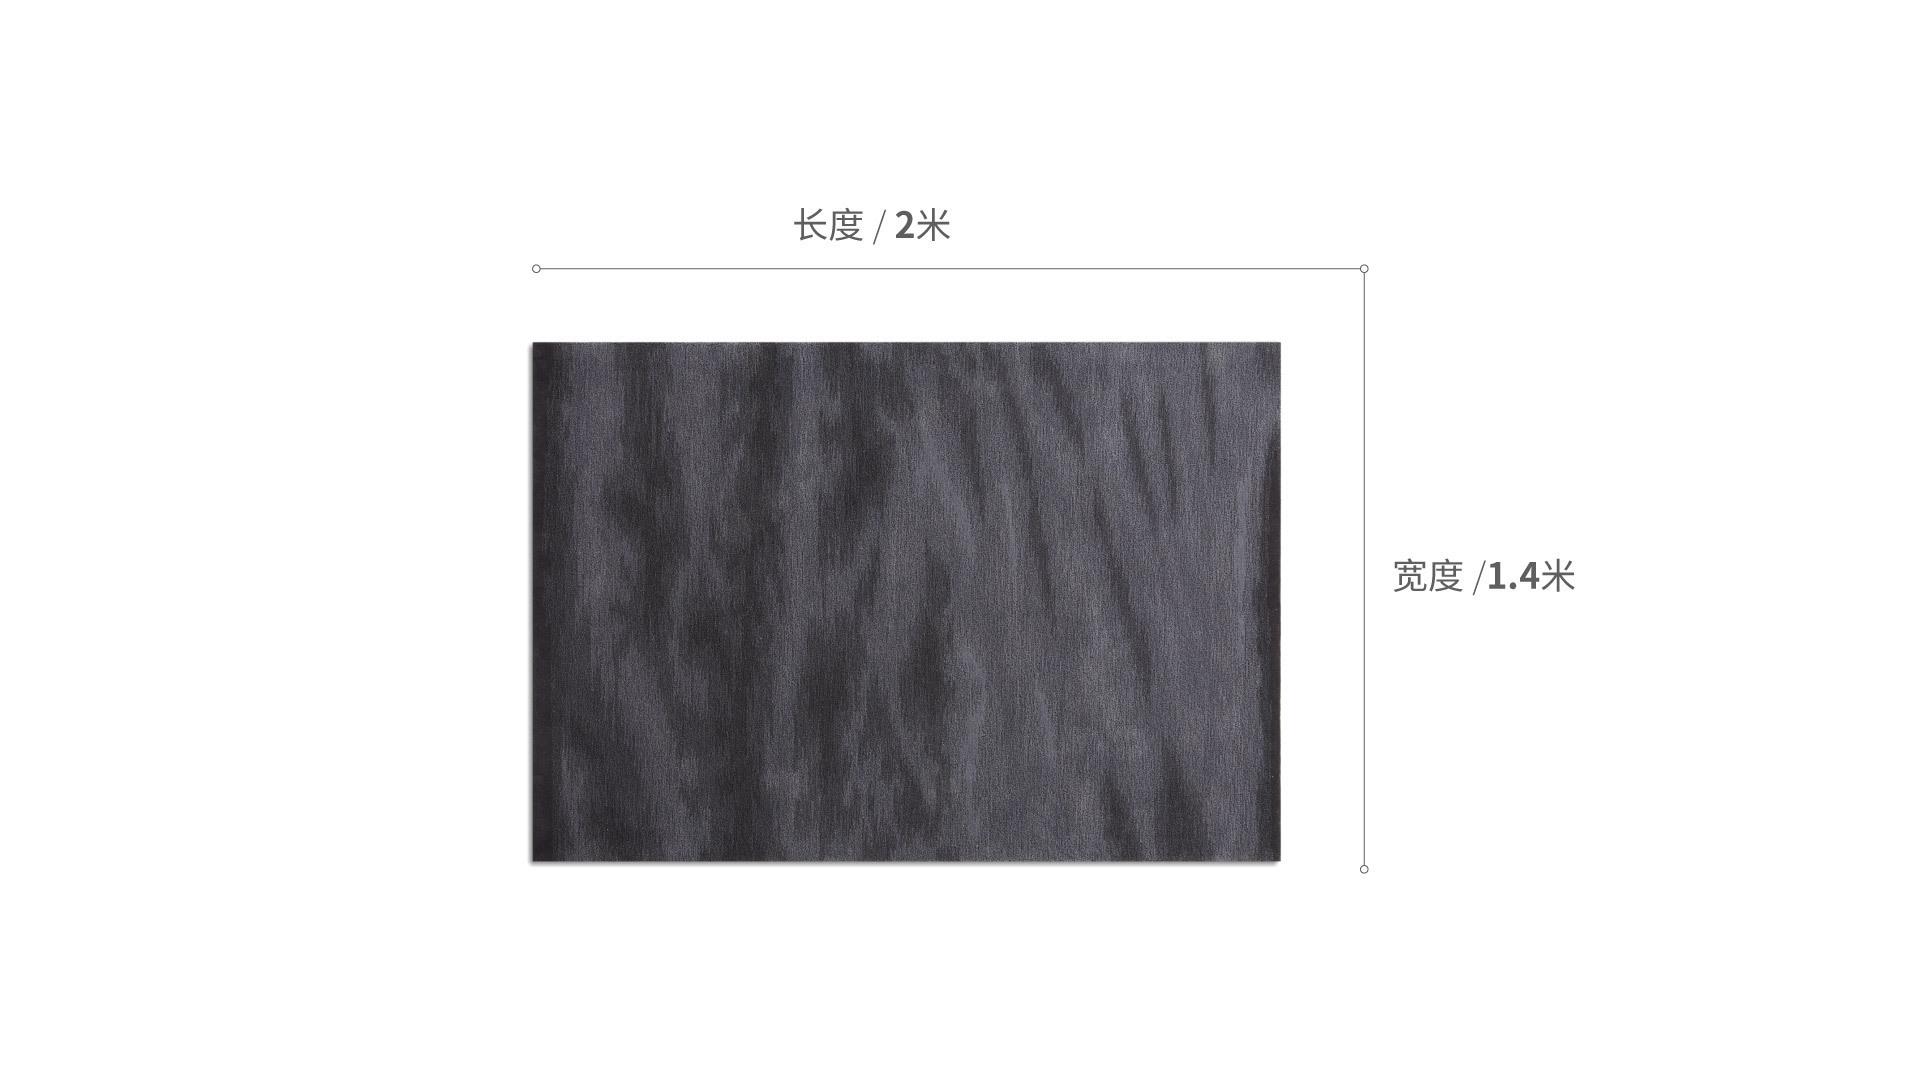 凝沙羊毛手织地毯小号家纺效果图